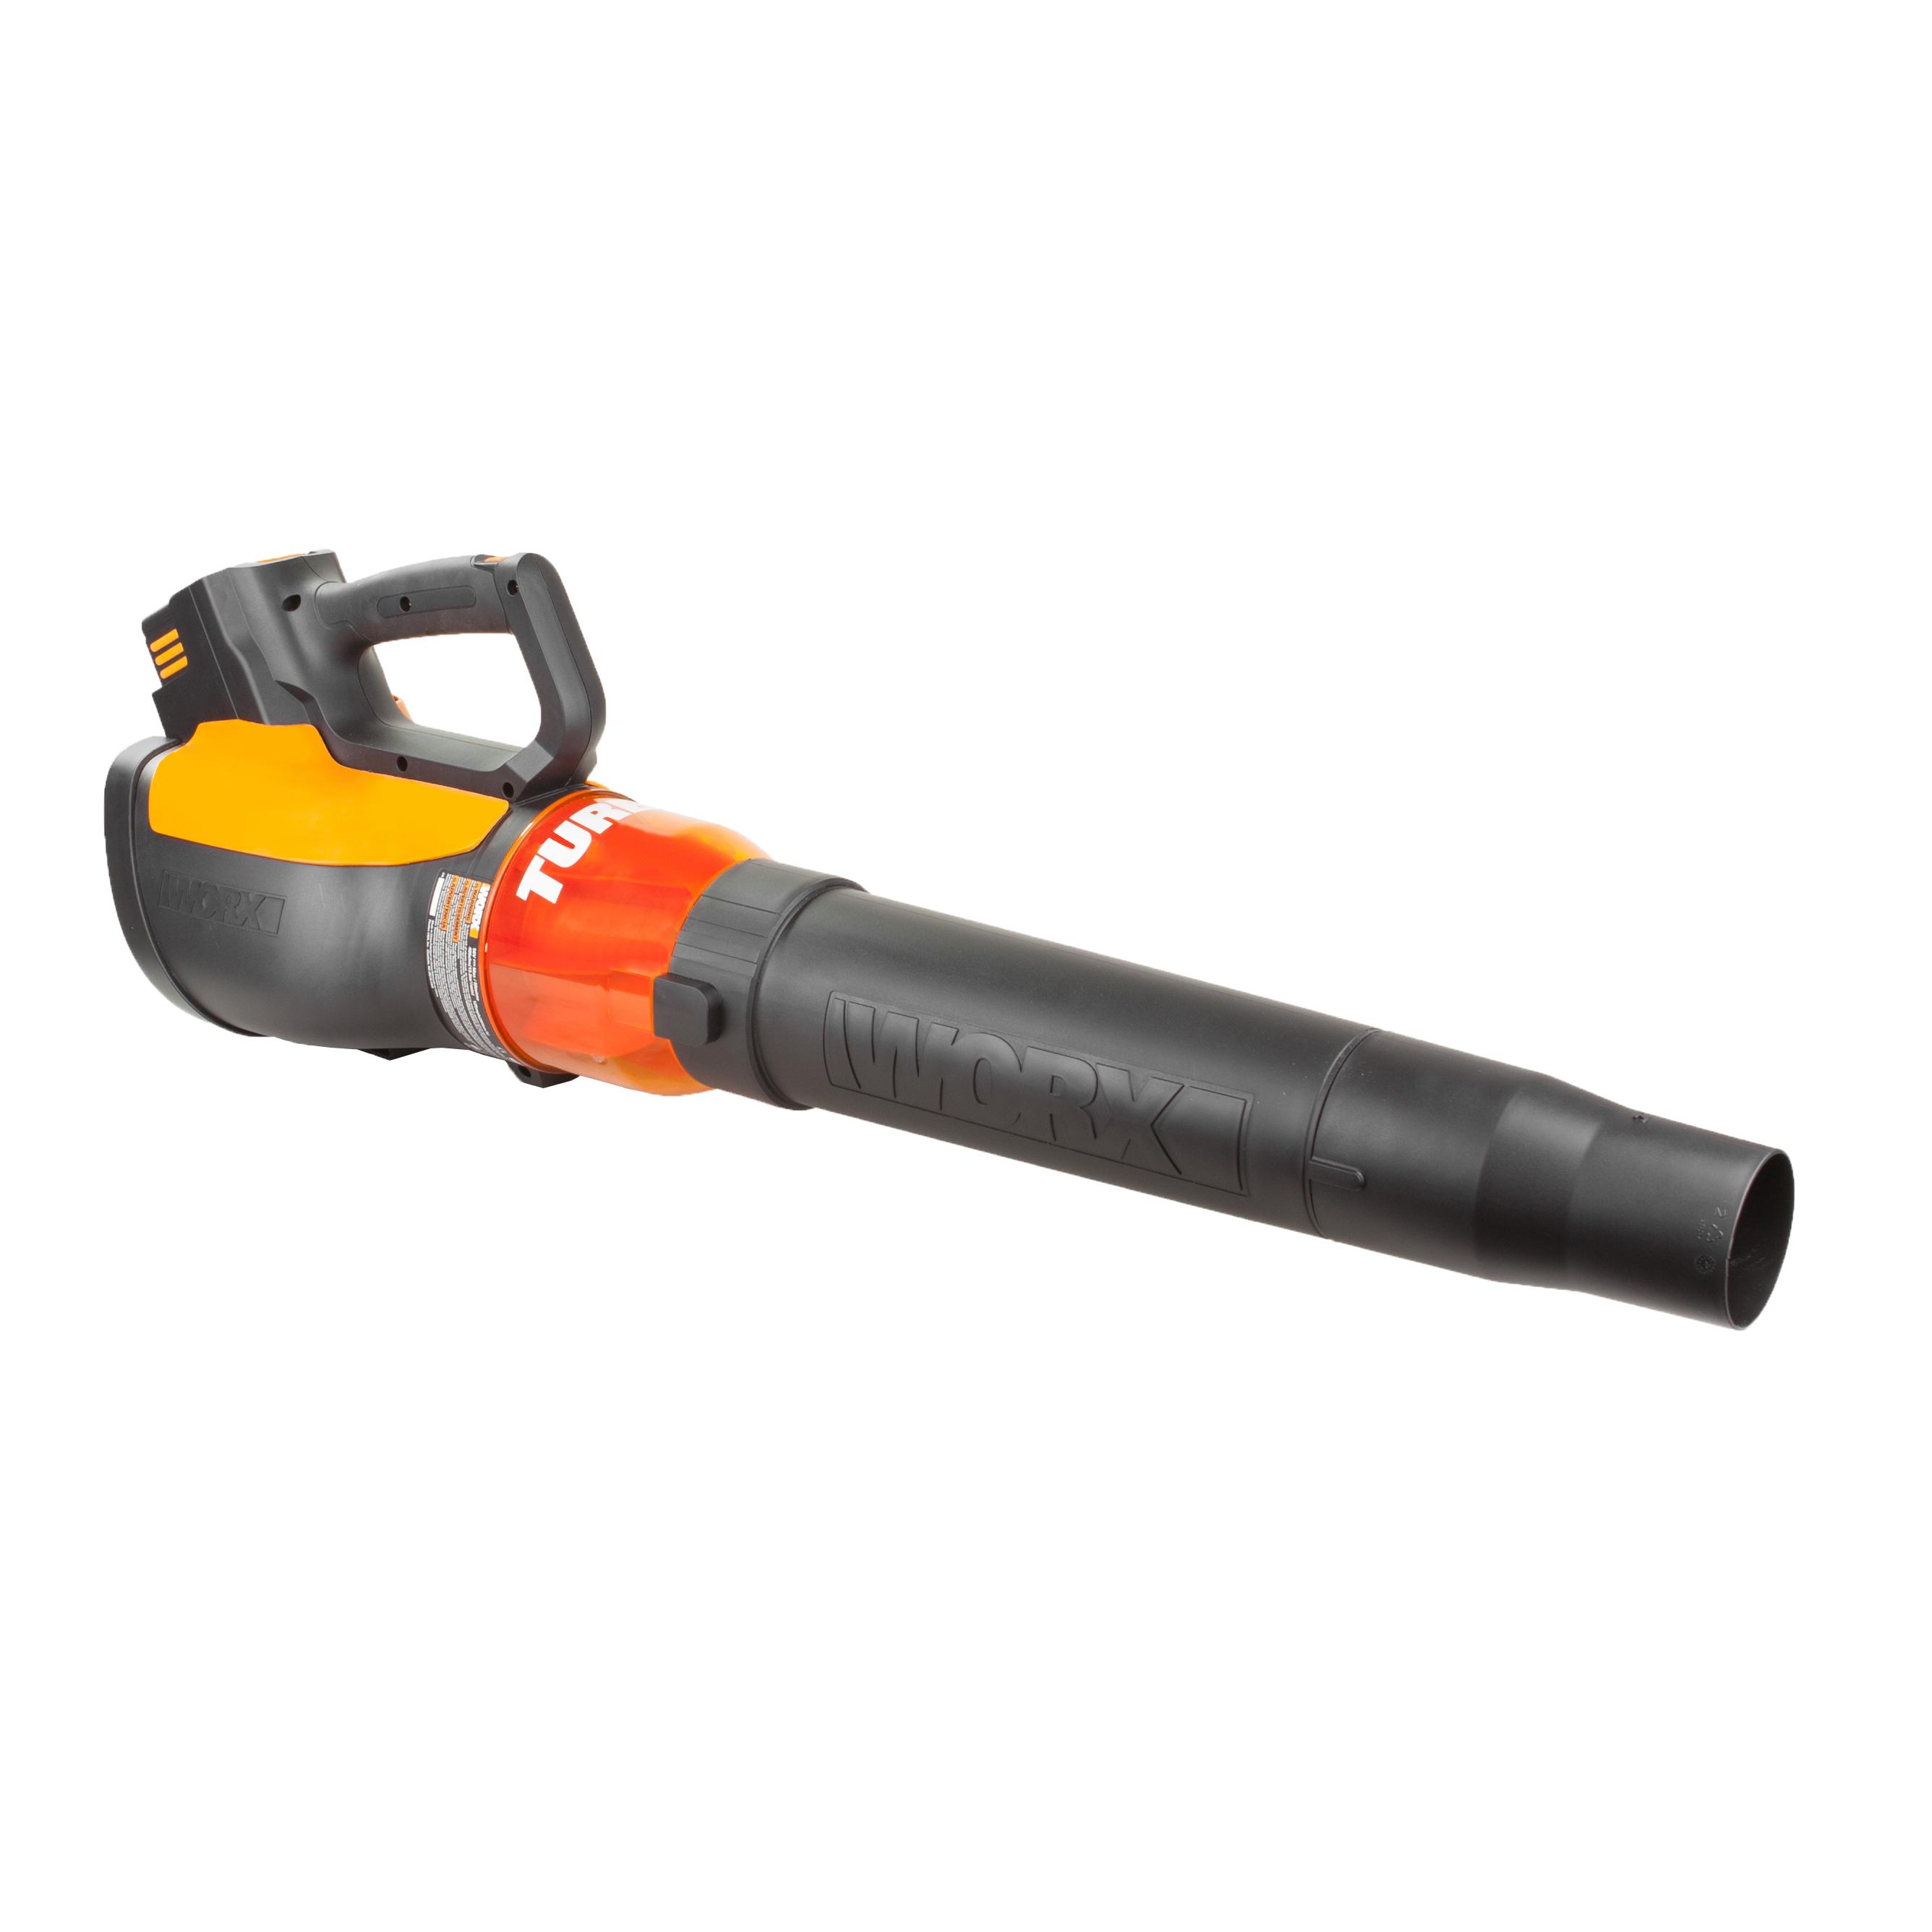 WG591 56V Cordless Blower